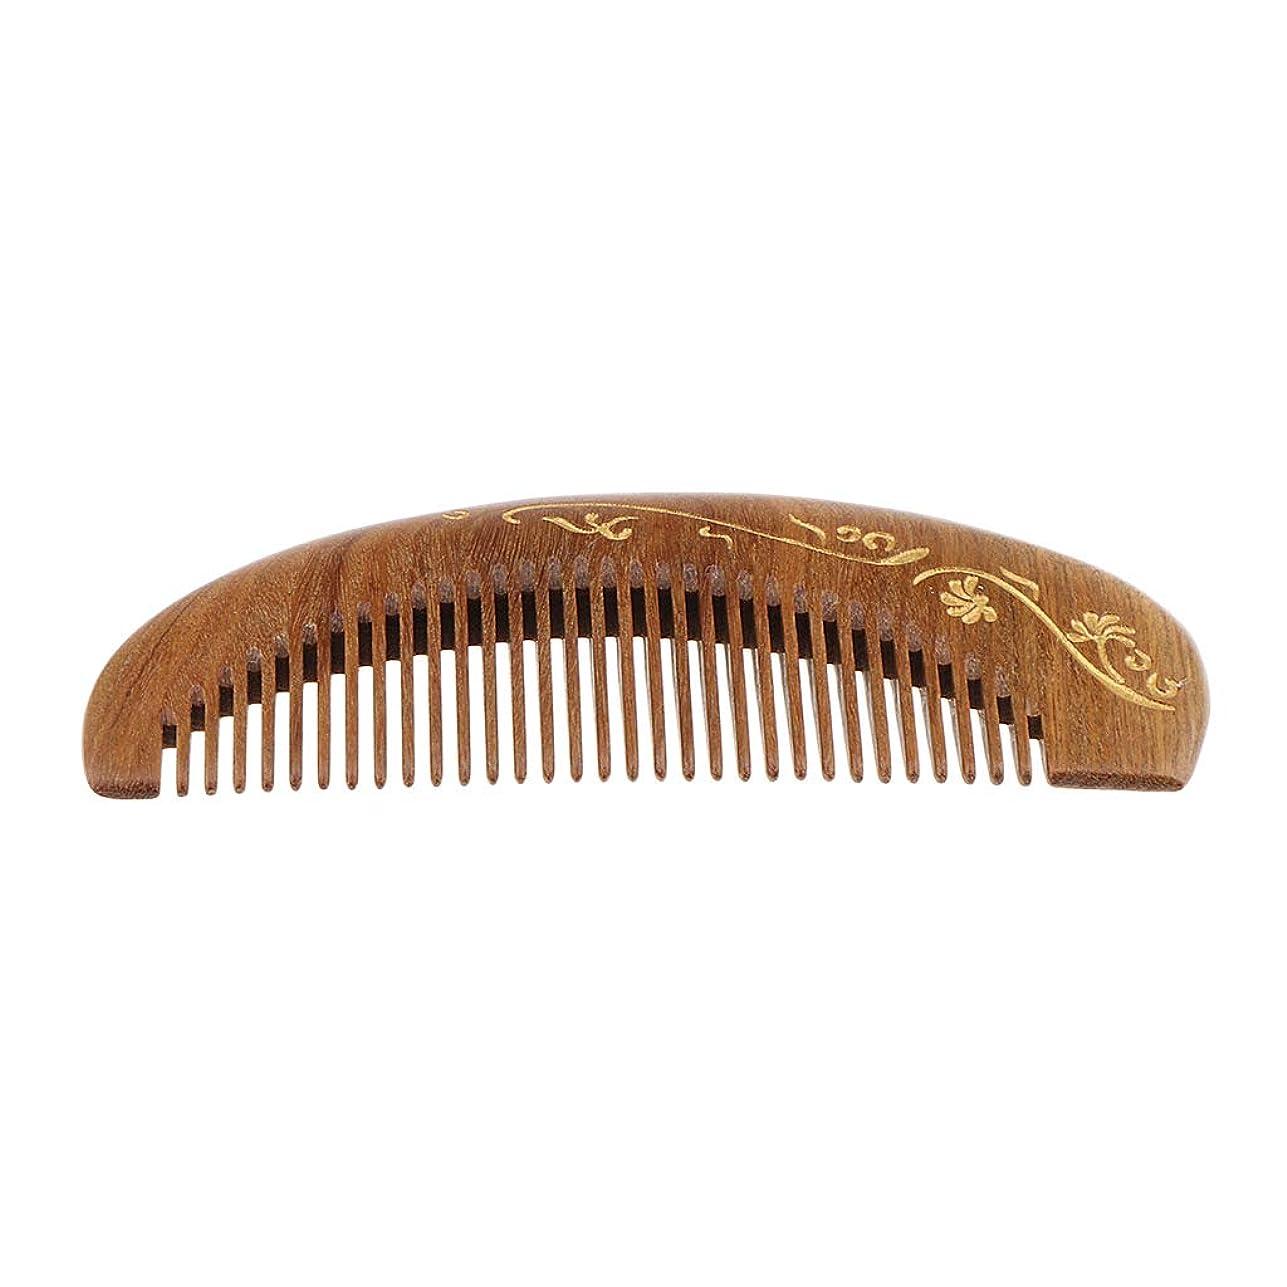 寄り添うはっきりと同級生SM SunniMix 木製ヘアコーム 静電気防止櫛 ヘアサロン 広い歯 マッサージ櫛 4仕様選べ - #2